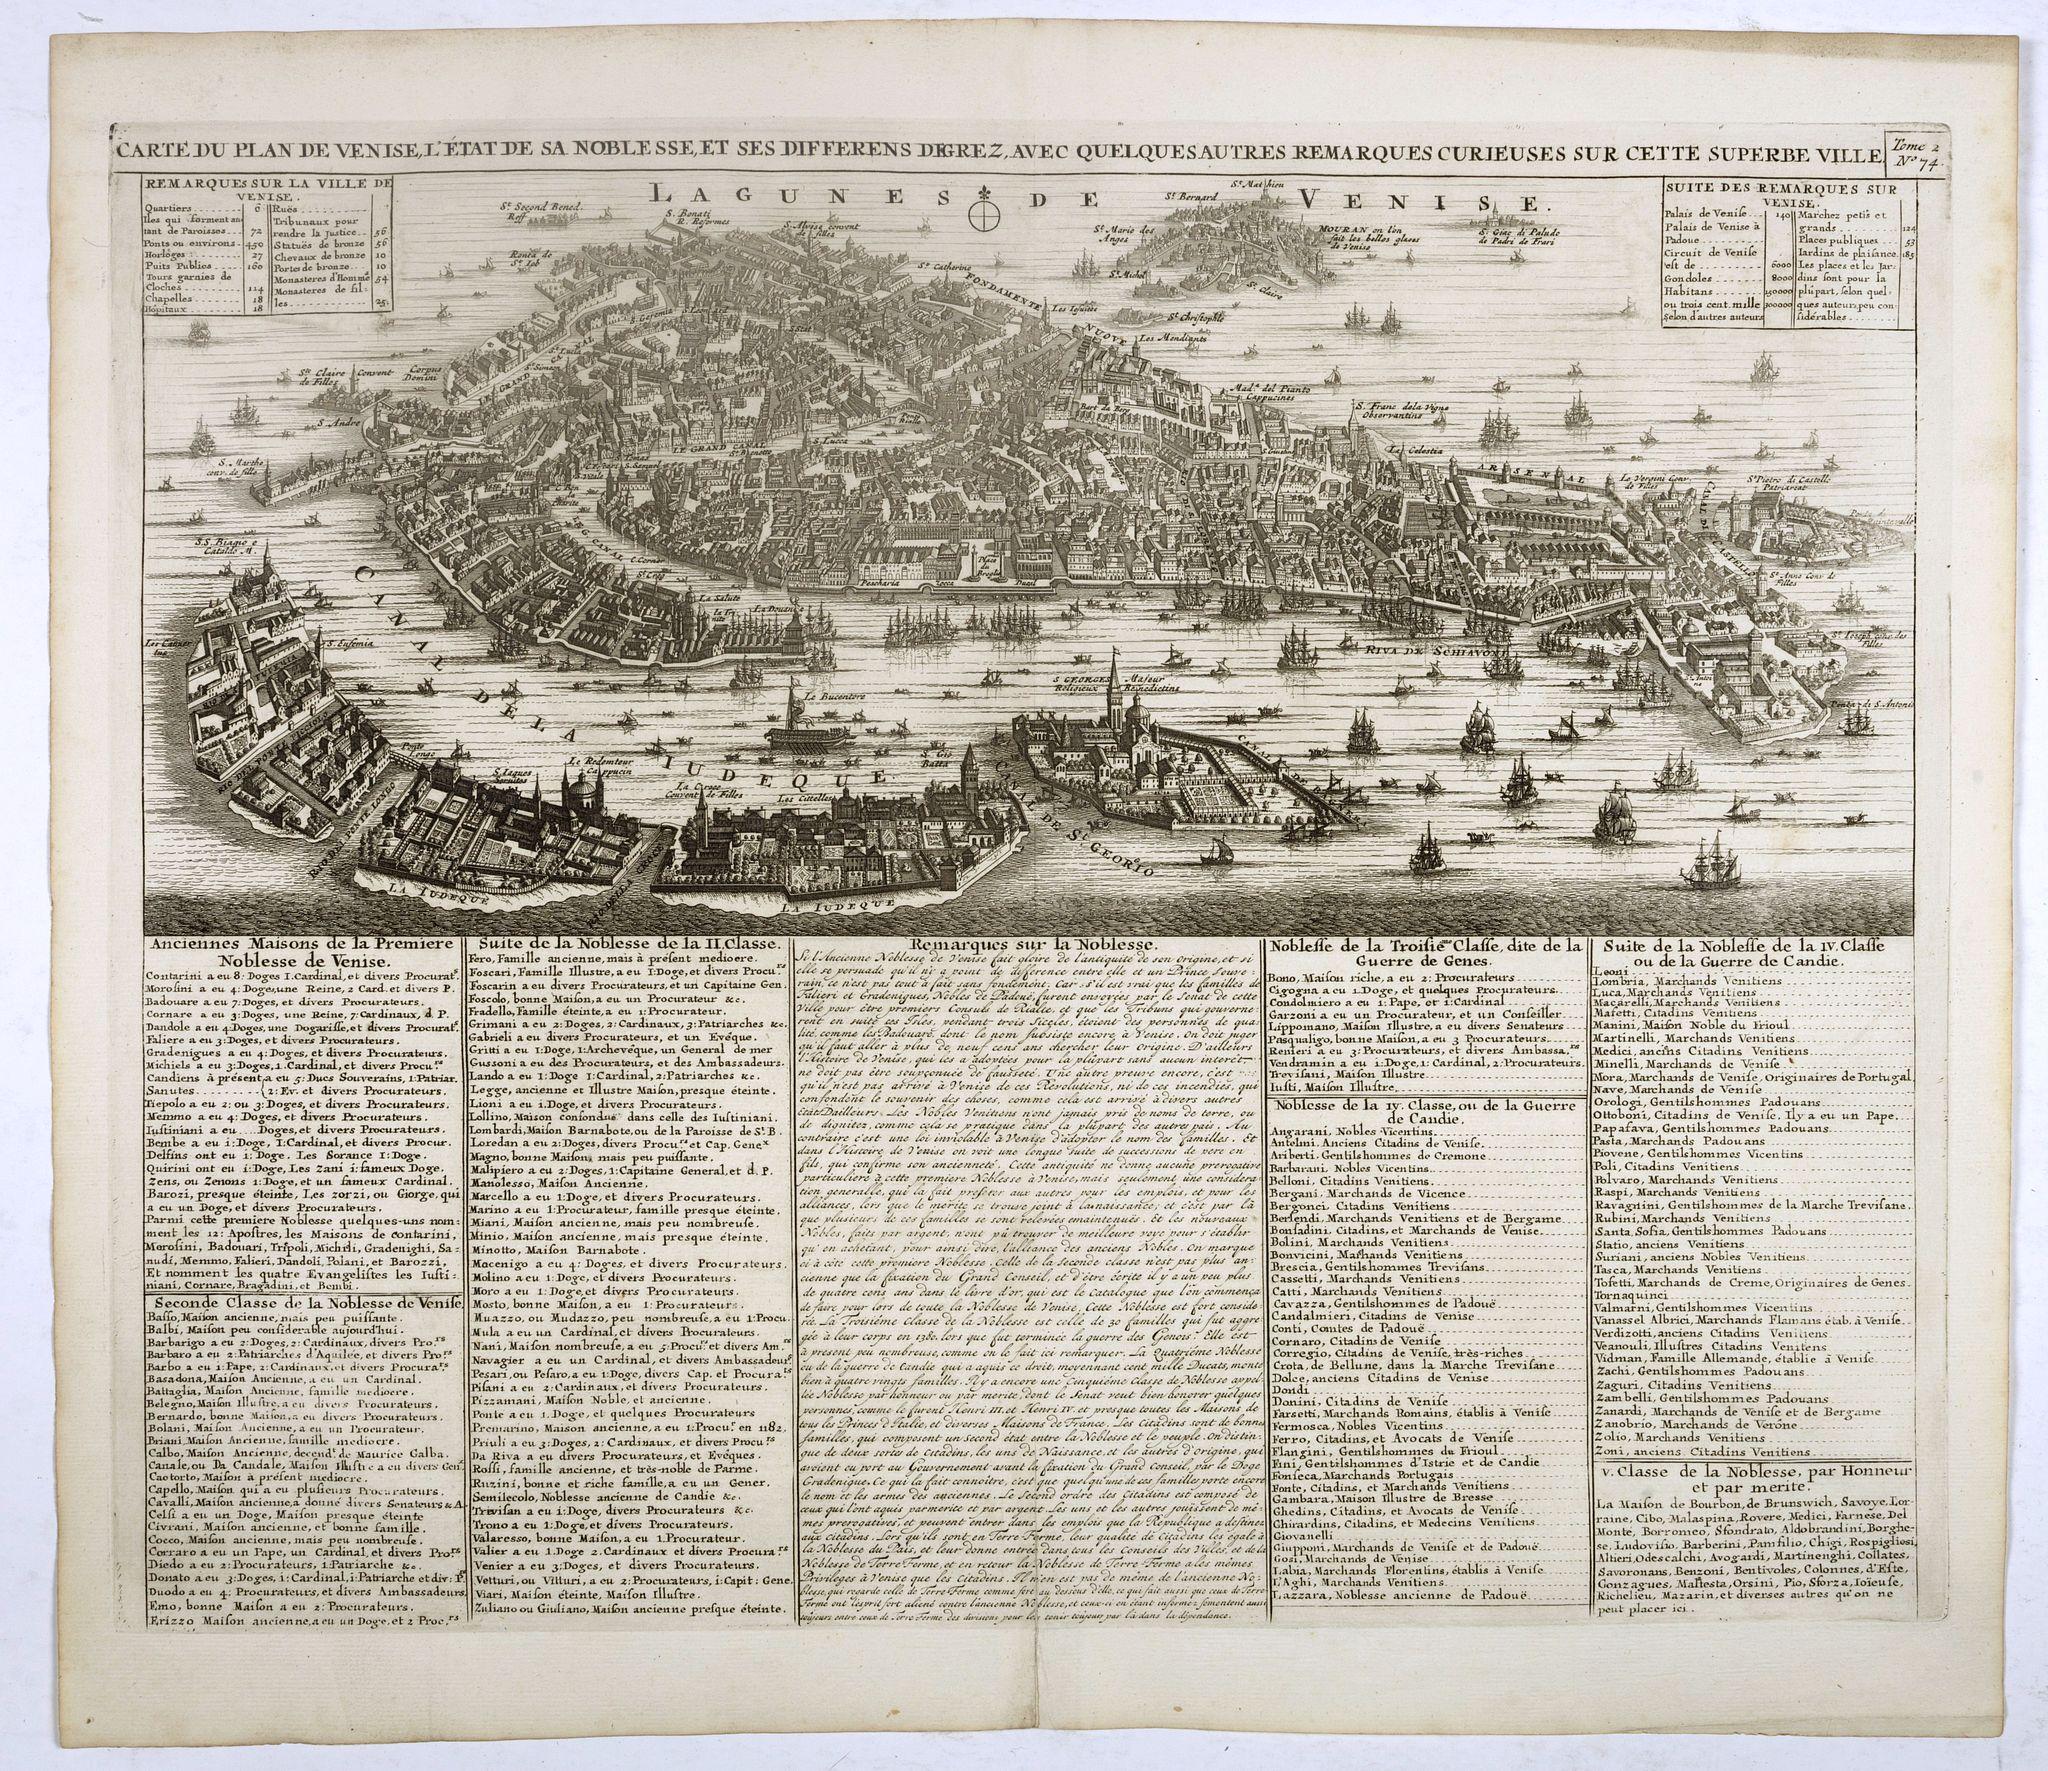 CHATELAIN, H. -  Carte du plan de Venise, l'état de sa noblesse, et ses differens degrez a ec quelques autres remarques curieuses sur cette superbe ville. Tome 2 N° 4.